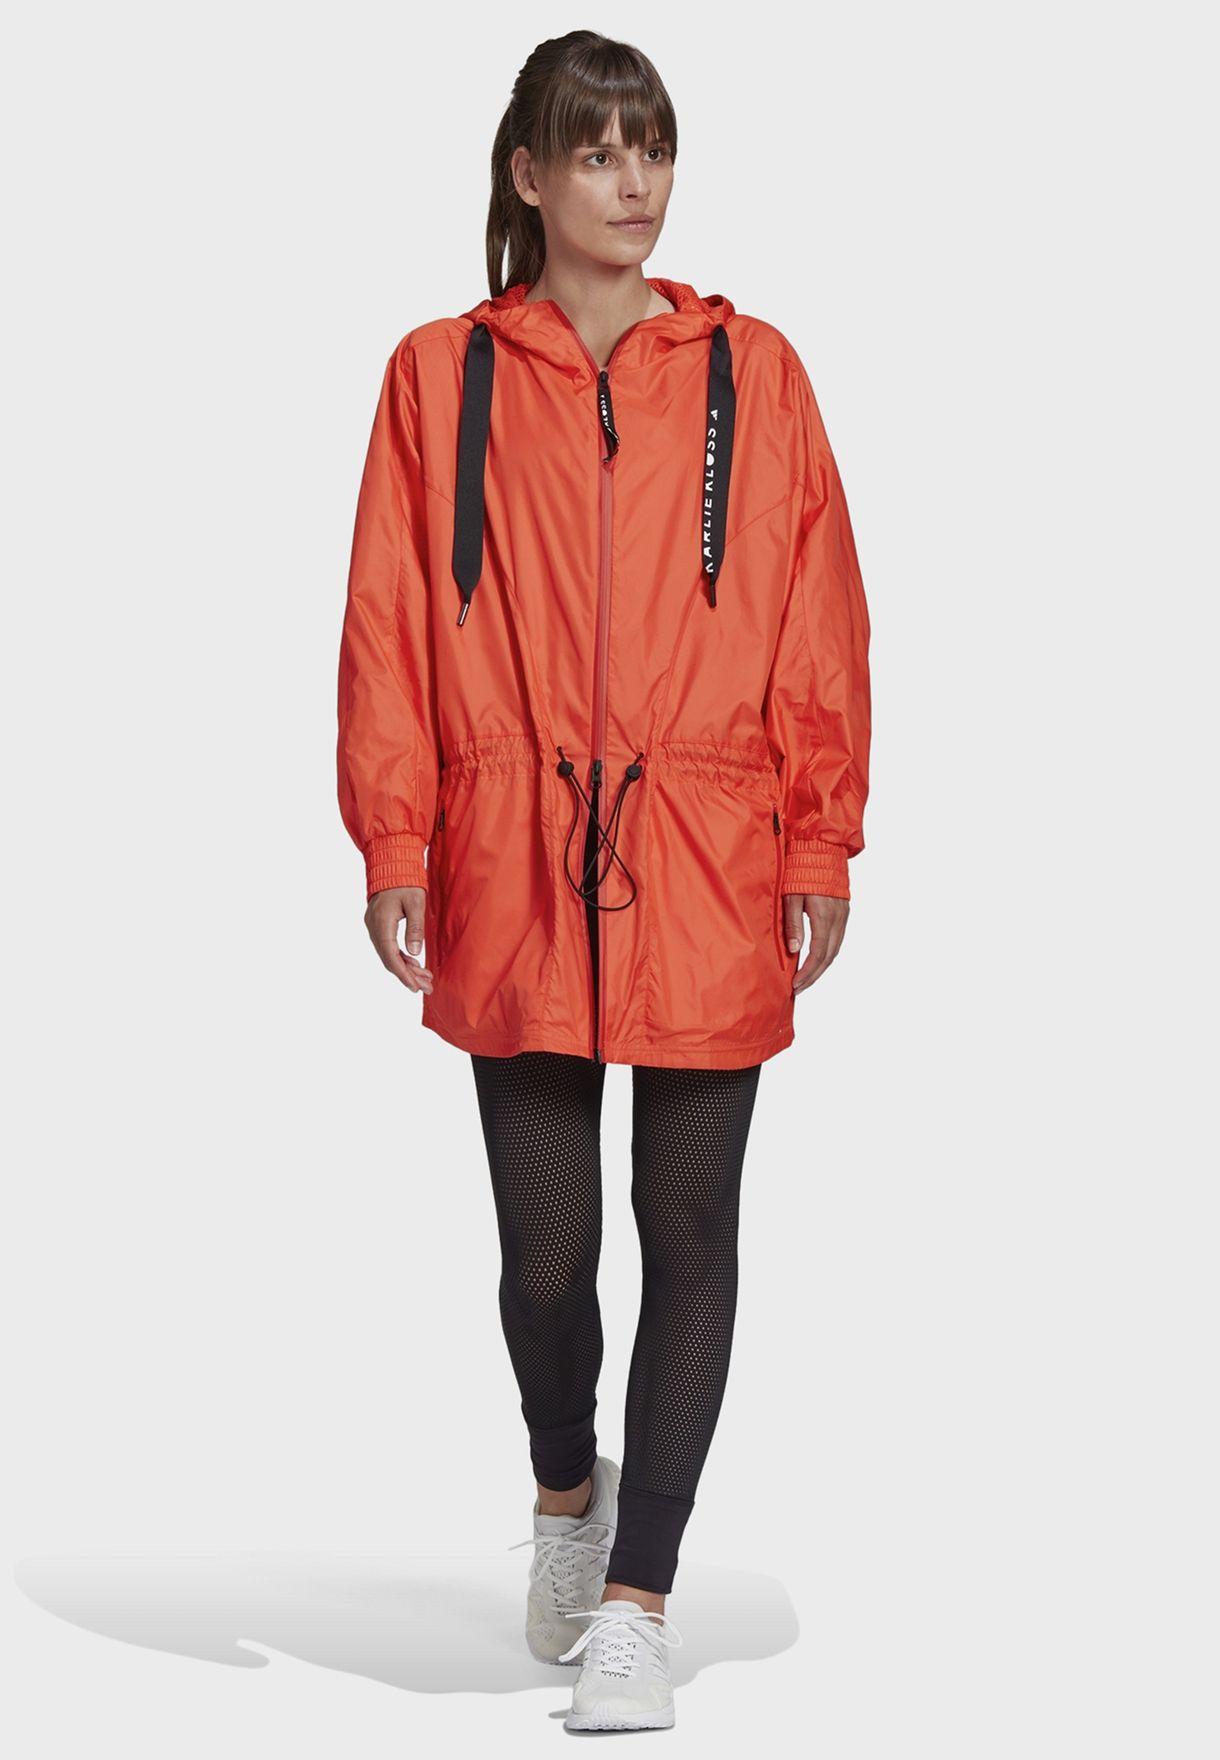 Karlie Kloss Parka Windrunner Jacket